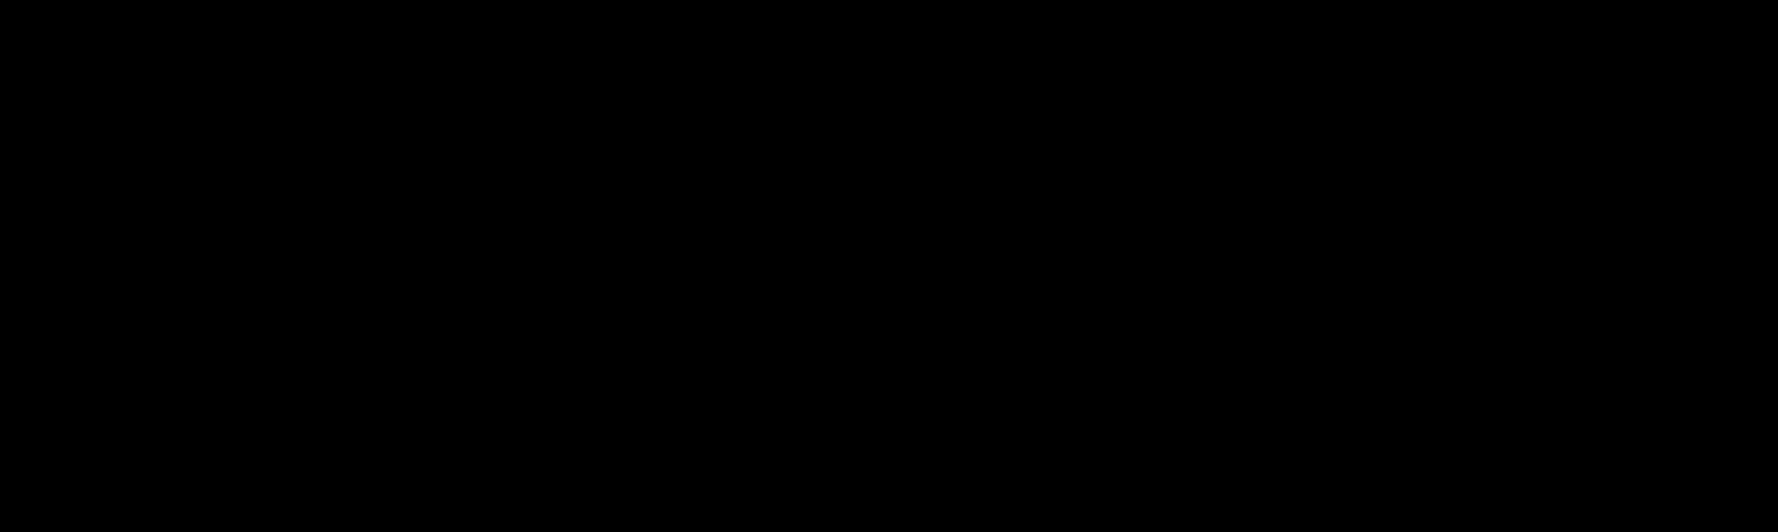 로지텍 - 일반/사무용 키보드